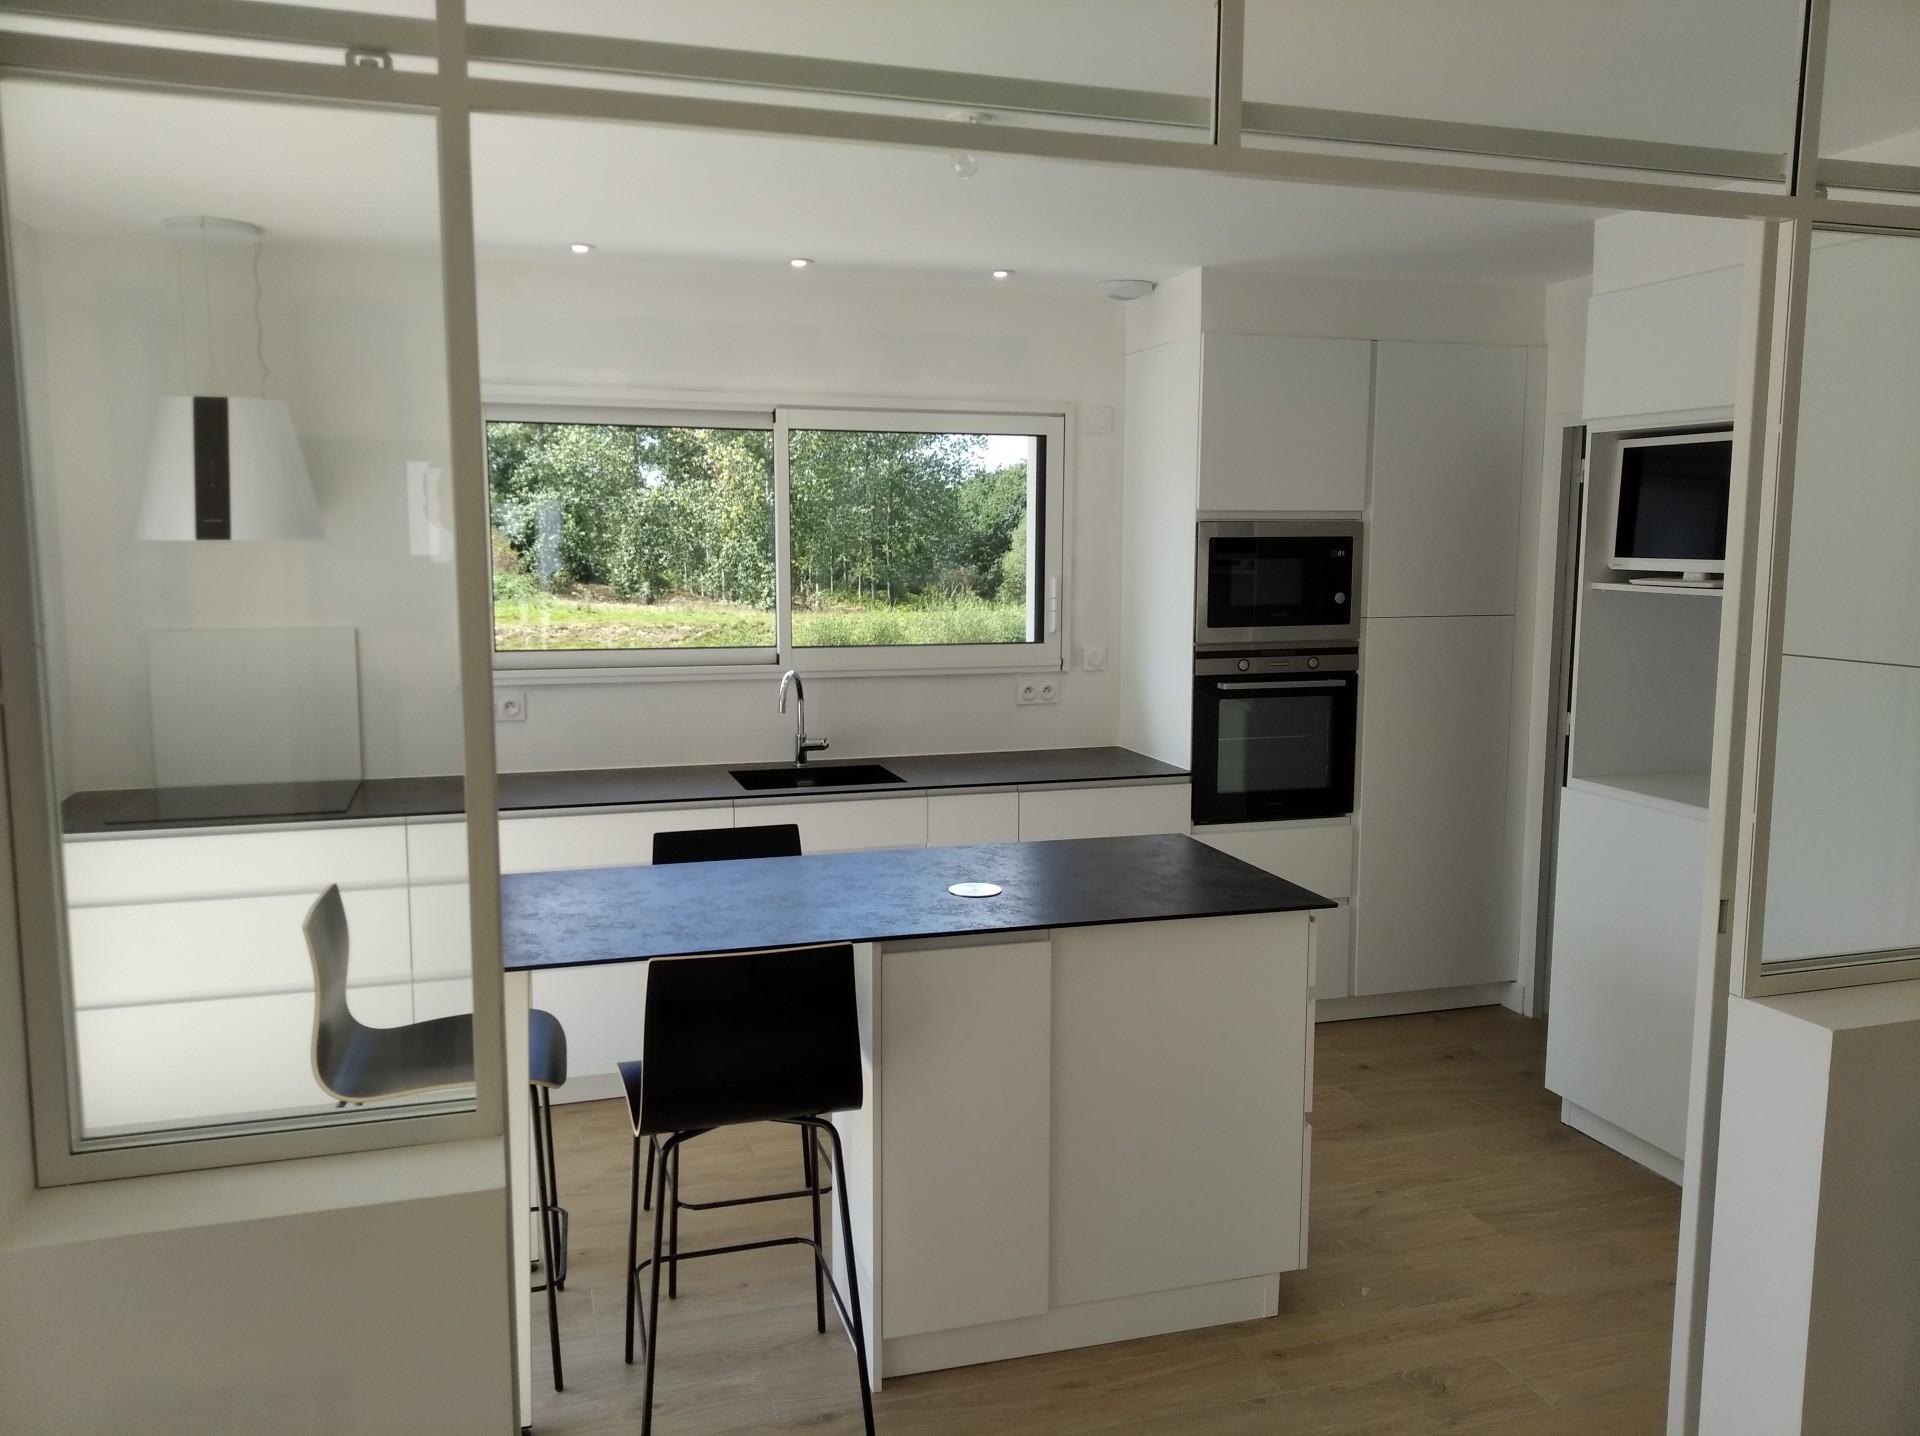 cuisine laque mat blanc, plan anthracite noir compact, verrière d'atelier